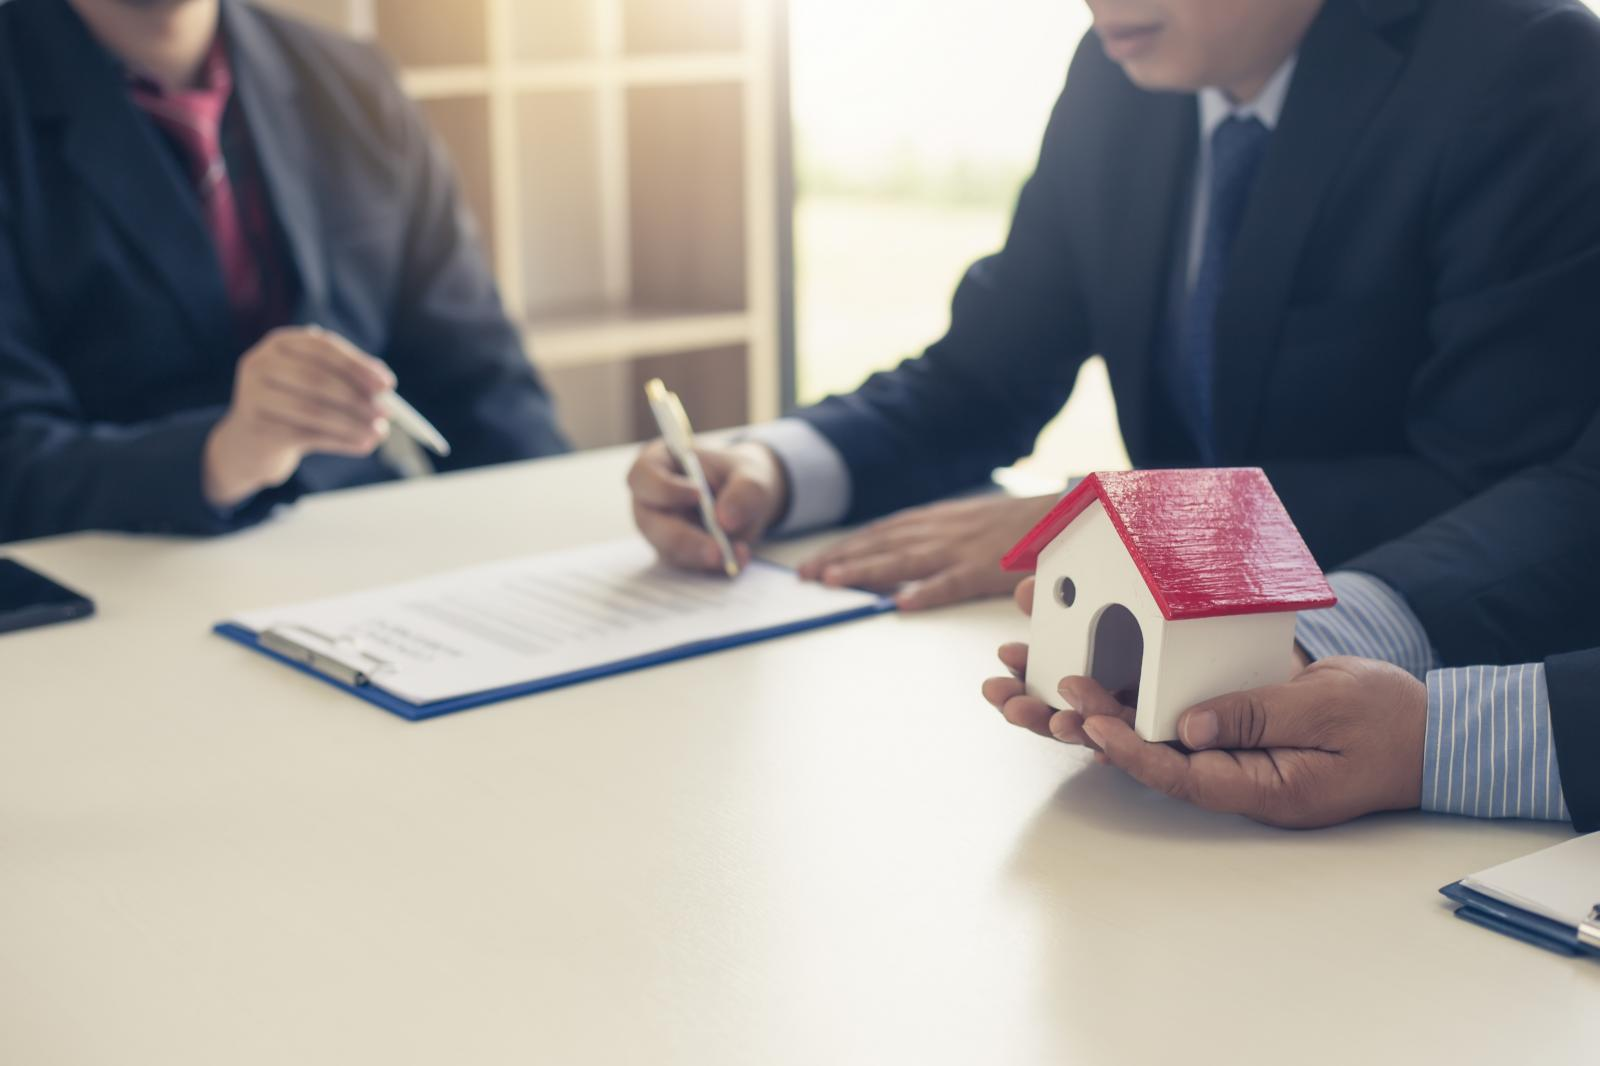 ảnh minh họa buổi ký hợp đồng mua nhà